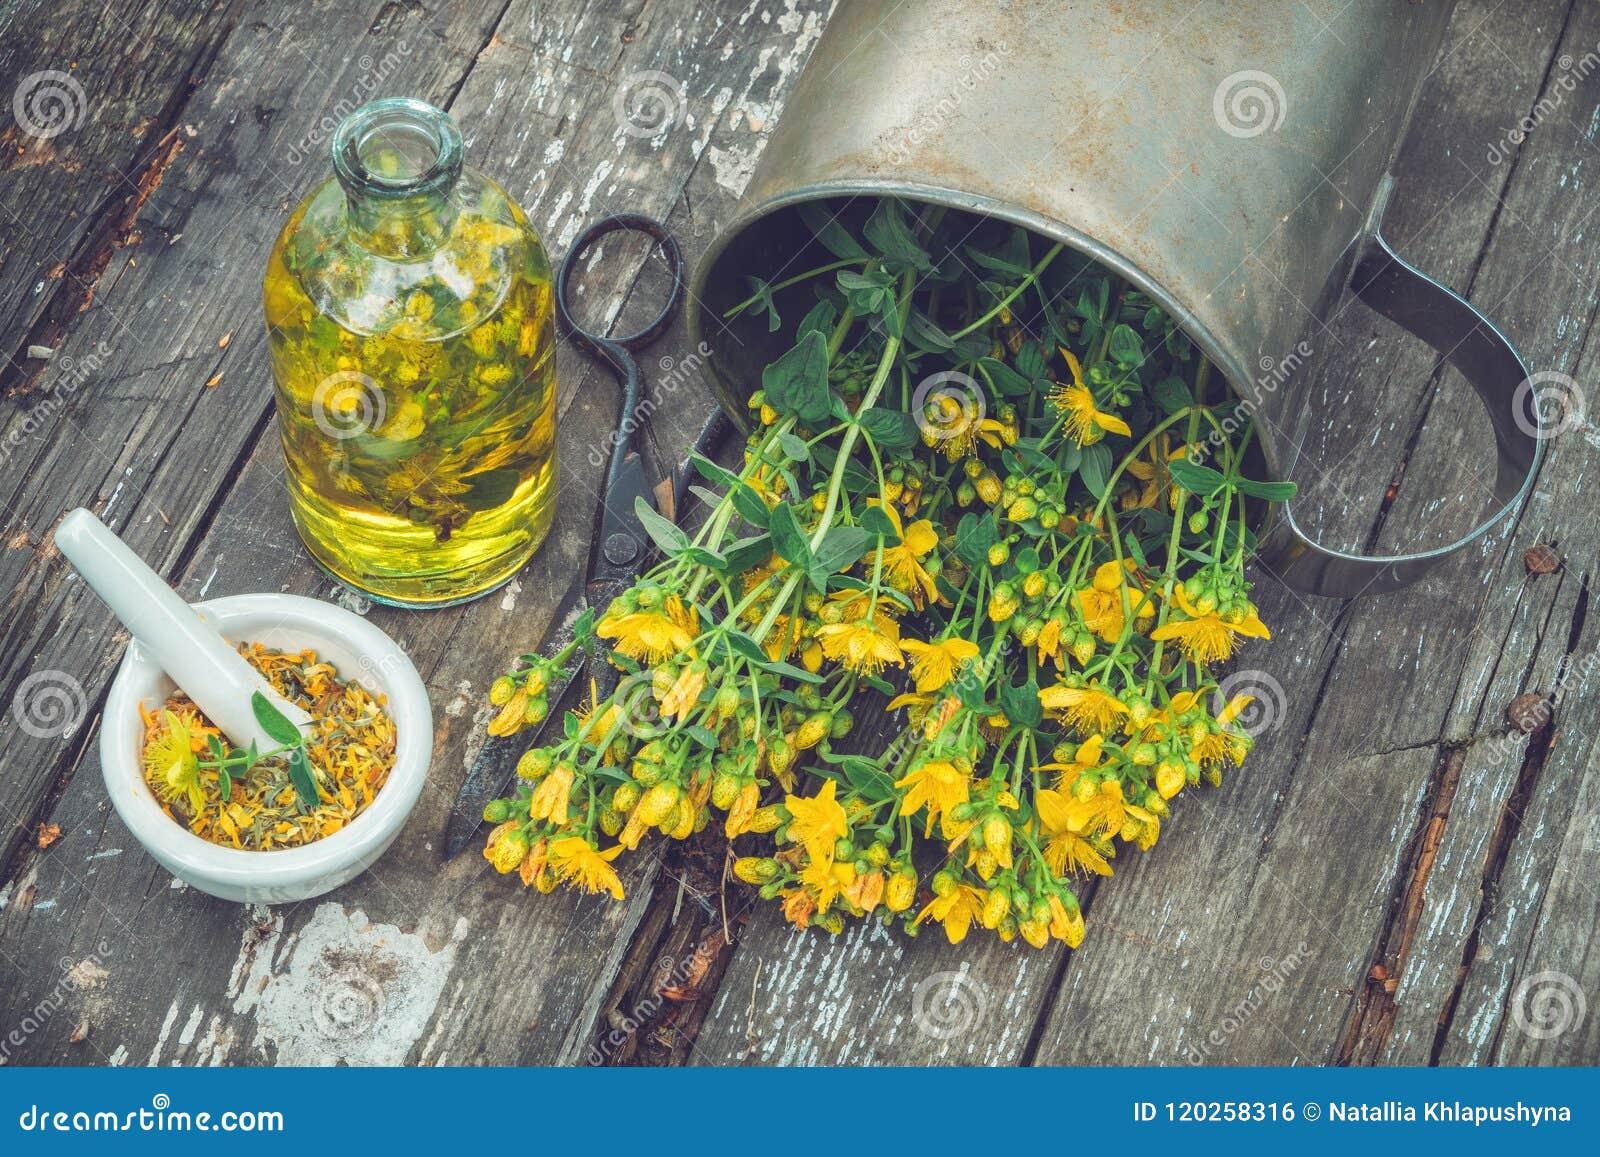 Hypericum - St Johns wortinstallaties, olie of infusiefles, mortier op houten raad